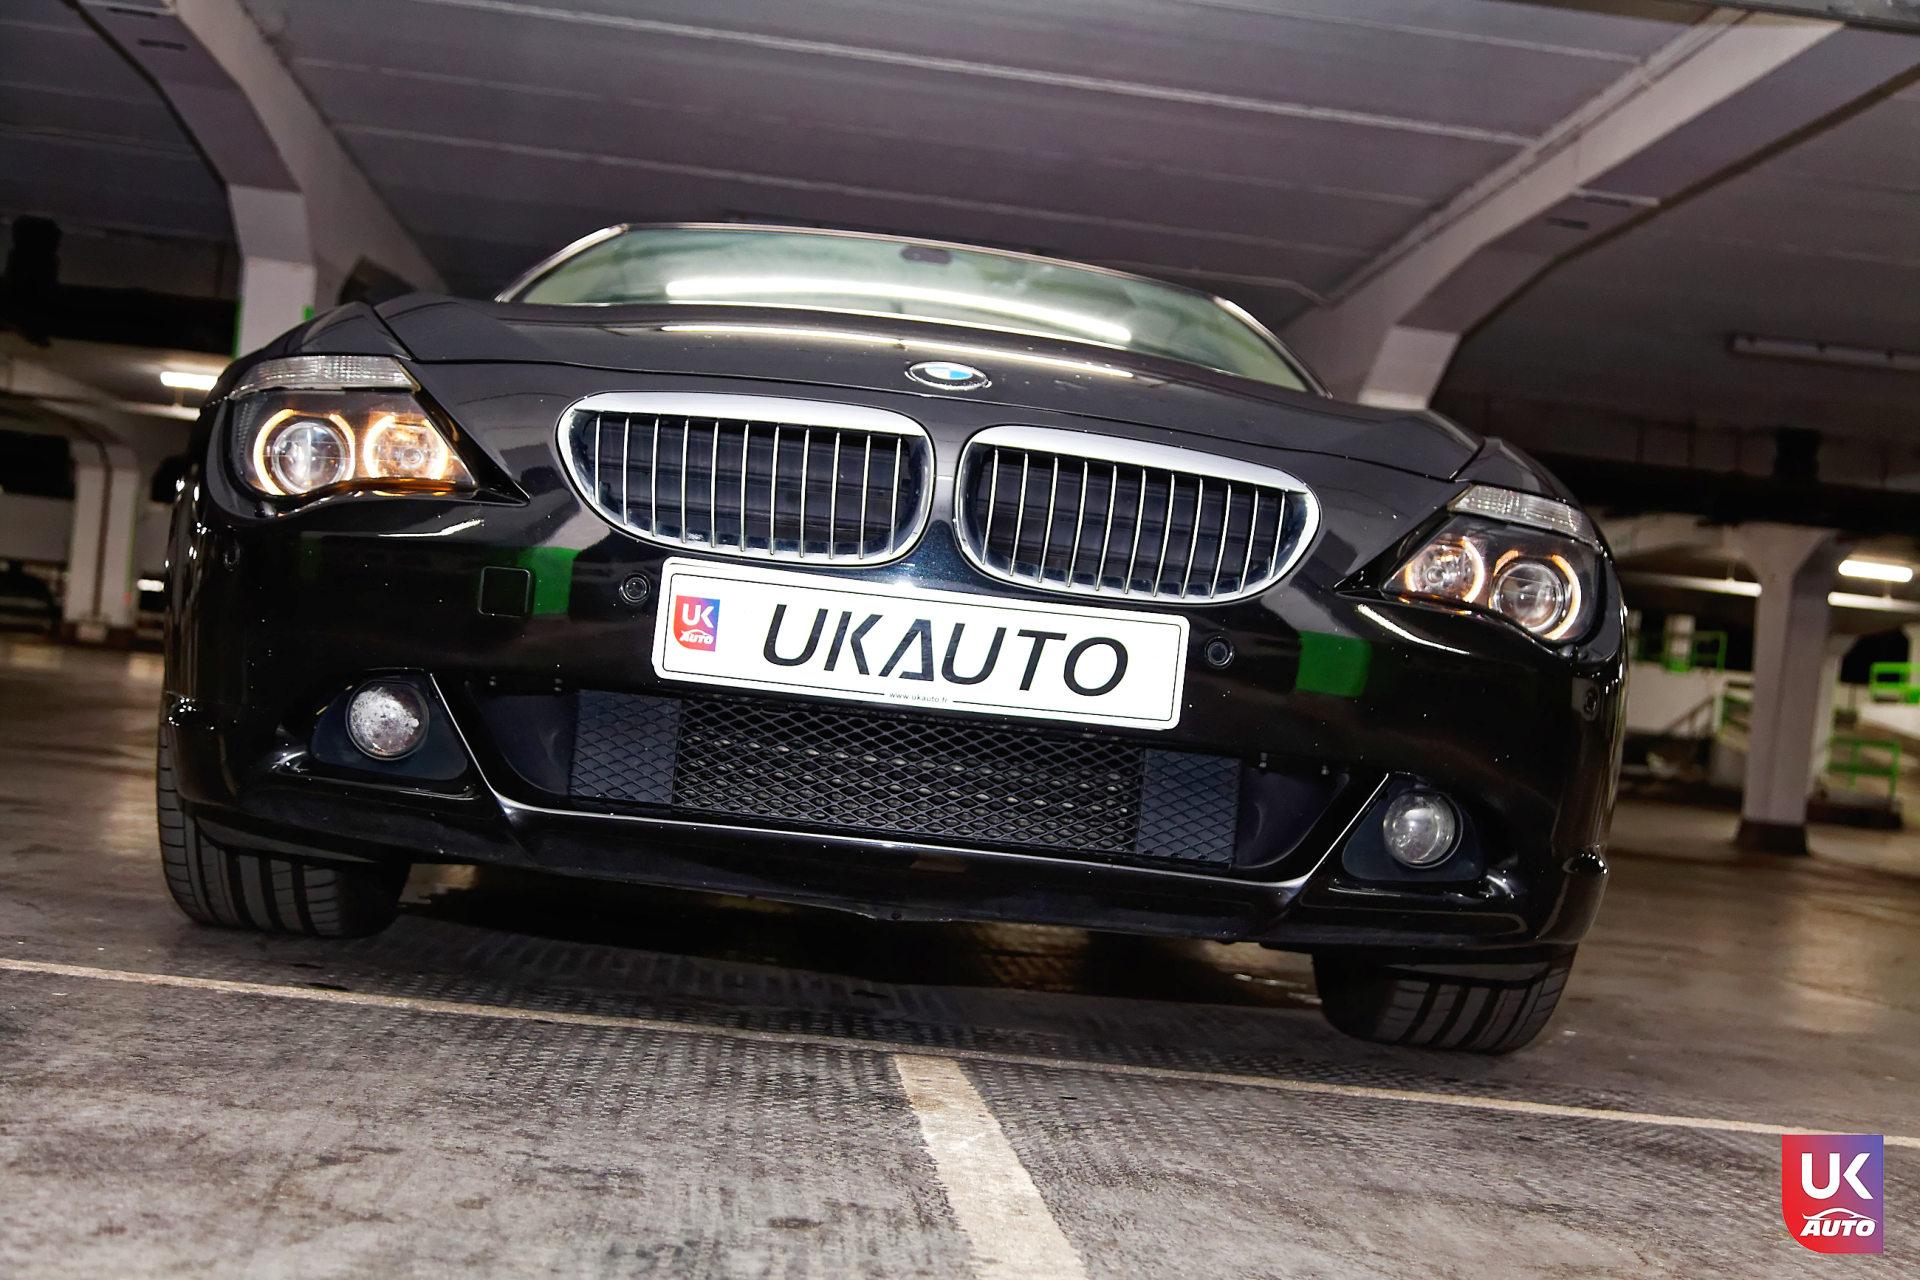 Bmw 645ci v8 import rhd bmw uk import rhd angleterre voiture anglaise bmw 645ci v812 DxO - BMW UK IMPORT BMW 645CI V8 ACHAT A LONDRES BMW IMPORT RHD FELICITATION A DAVID